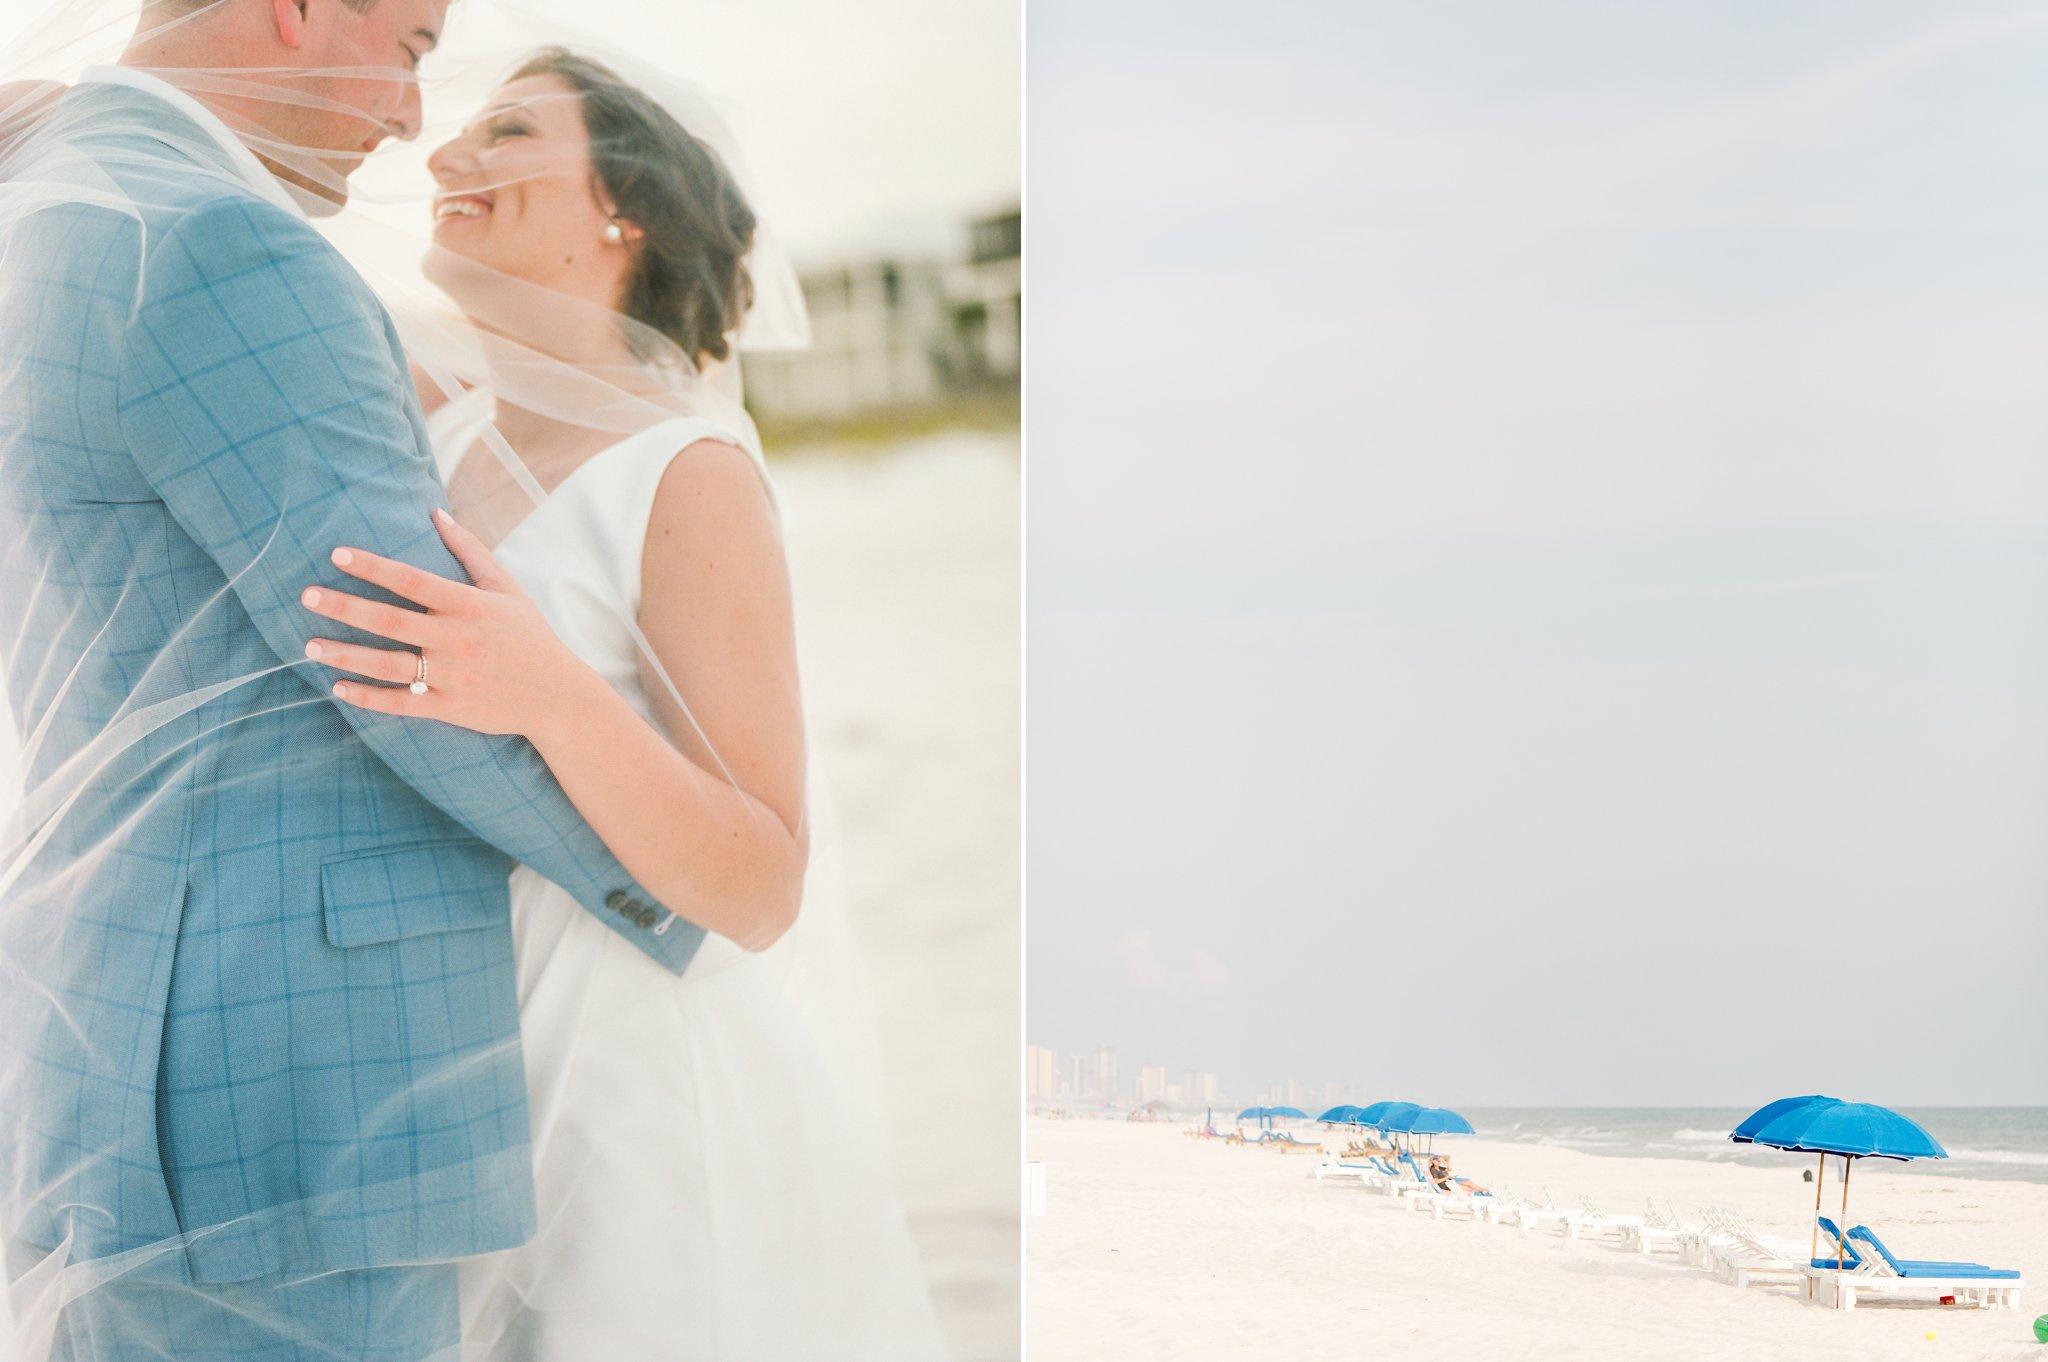 carillon beach wedding photographer shannon griffin photographer_0074.jpg